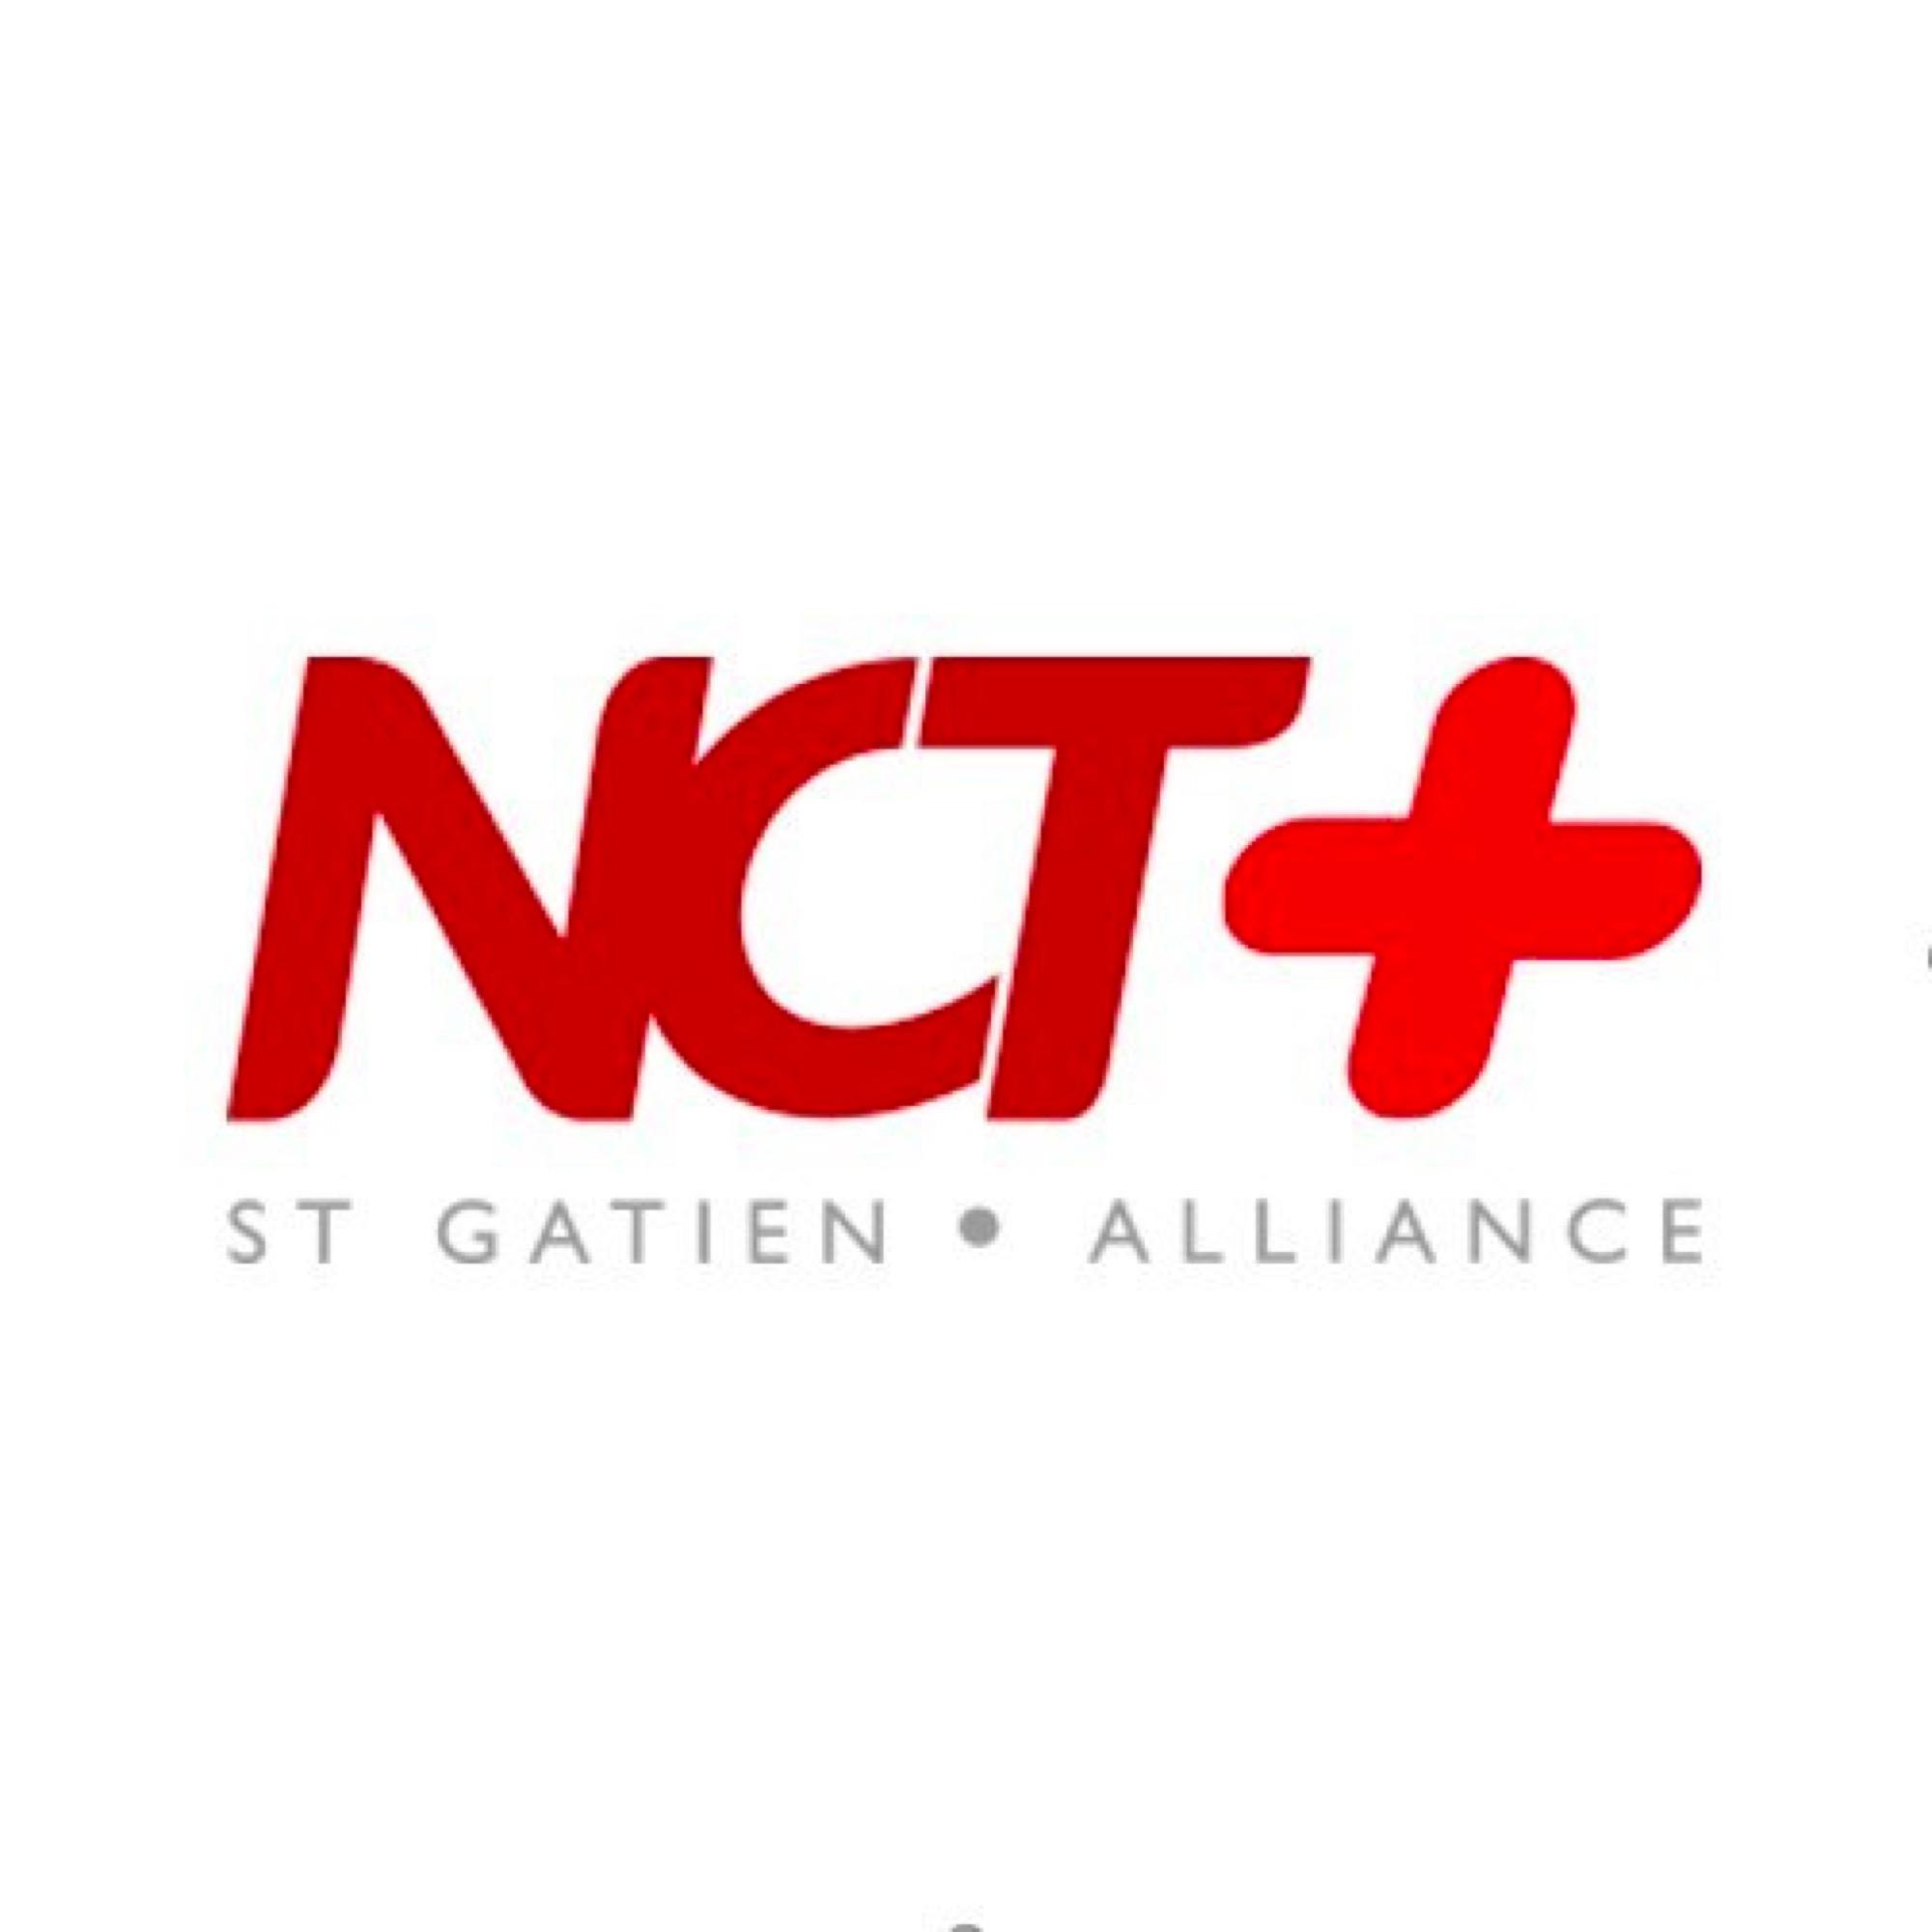 Logo du partenaire Saint Gatien